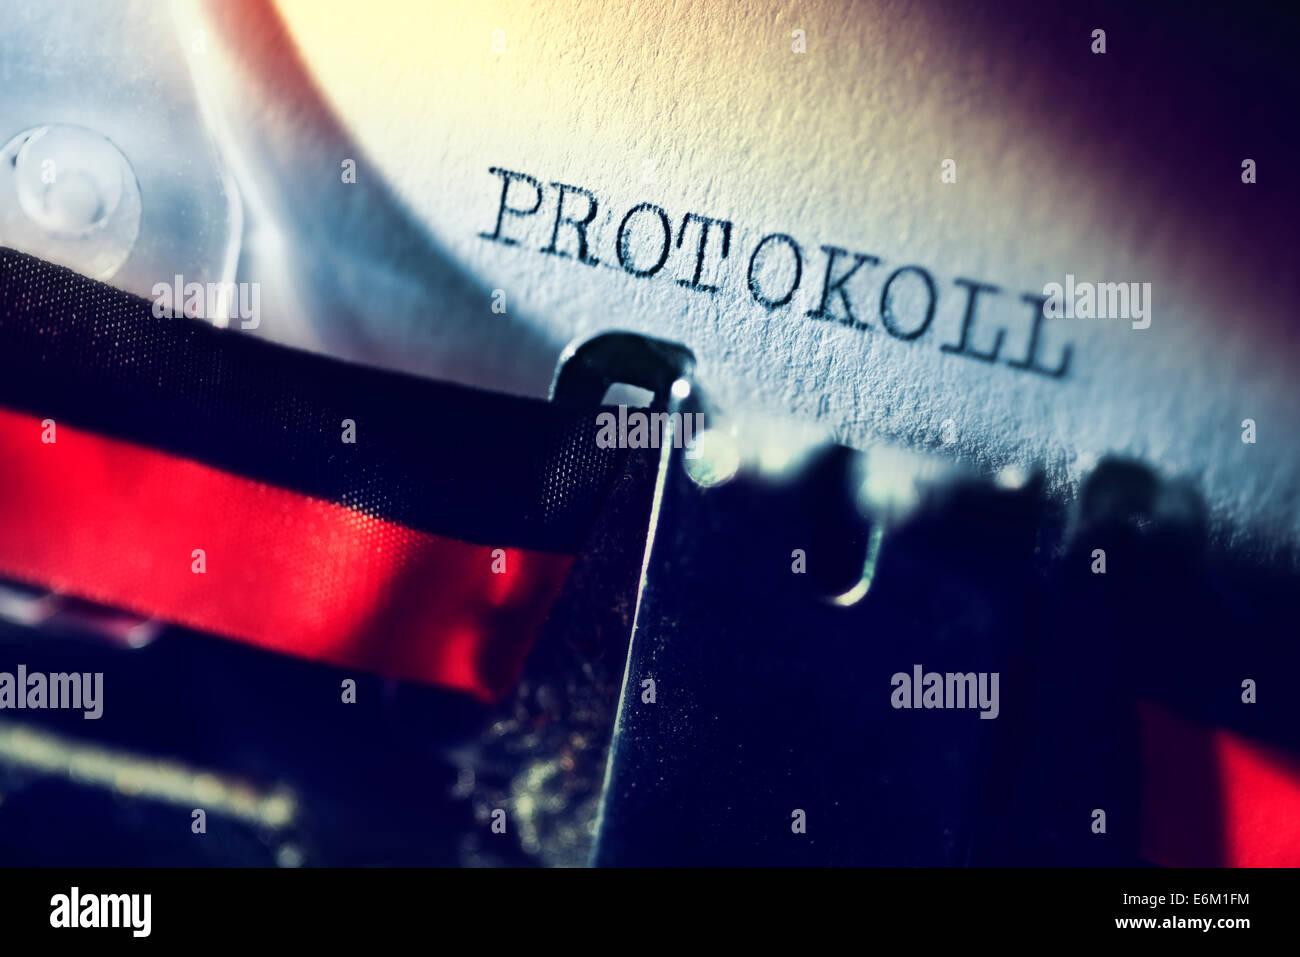 Das Wort Protokoll geschrieben auf einer Schreibmaschine, Schutz vor digitaler Spionage - Stock Image